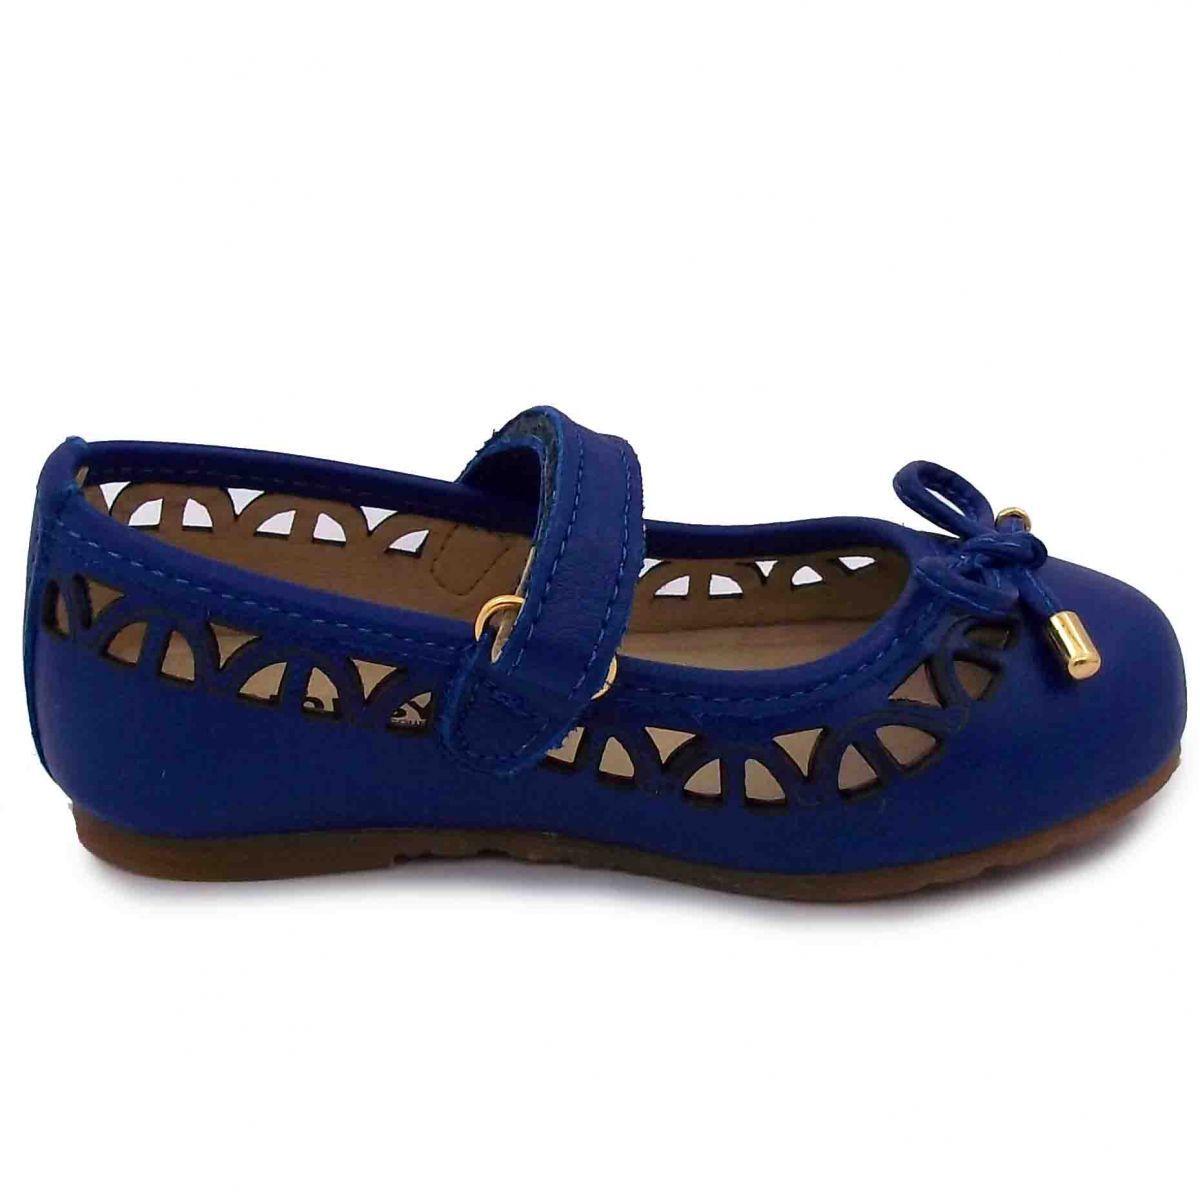 32d67cf473 Sapatilha Feminina Infantil Menina Com Laço Azul Escuro Couro Hobby ...